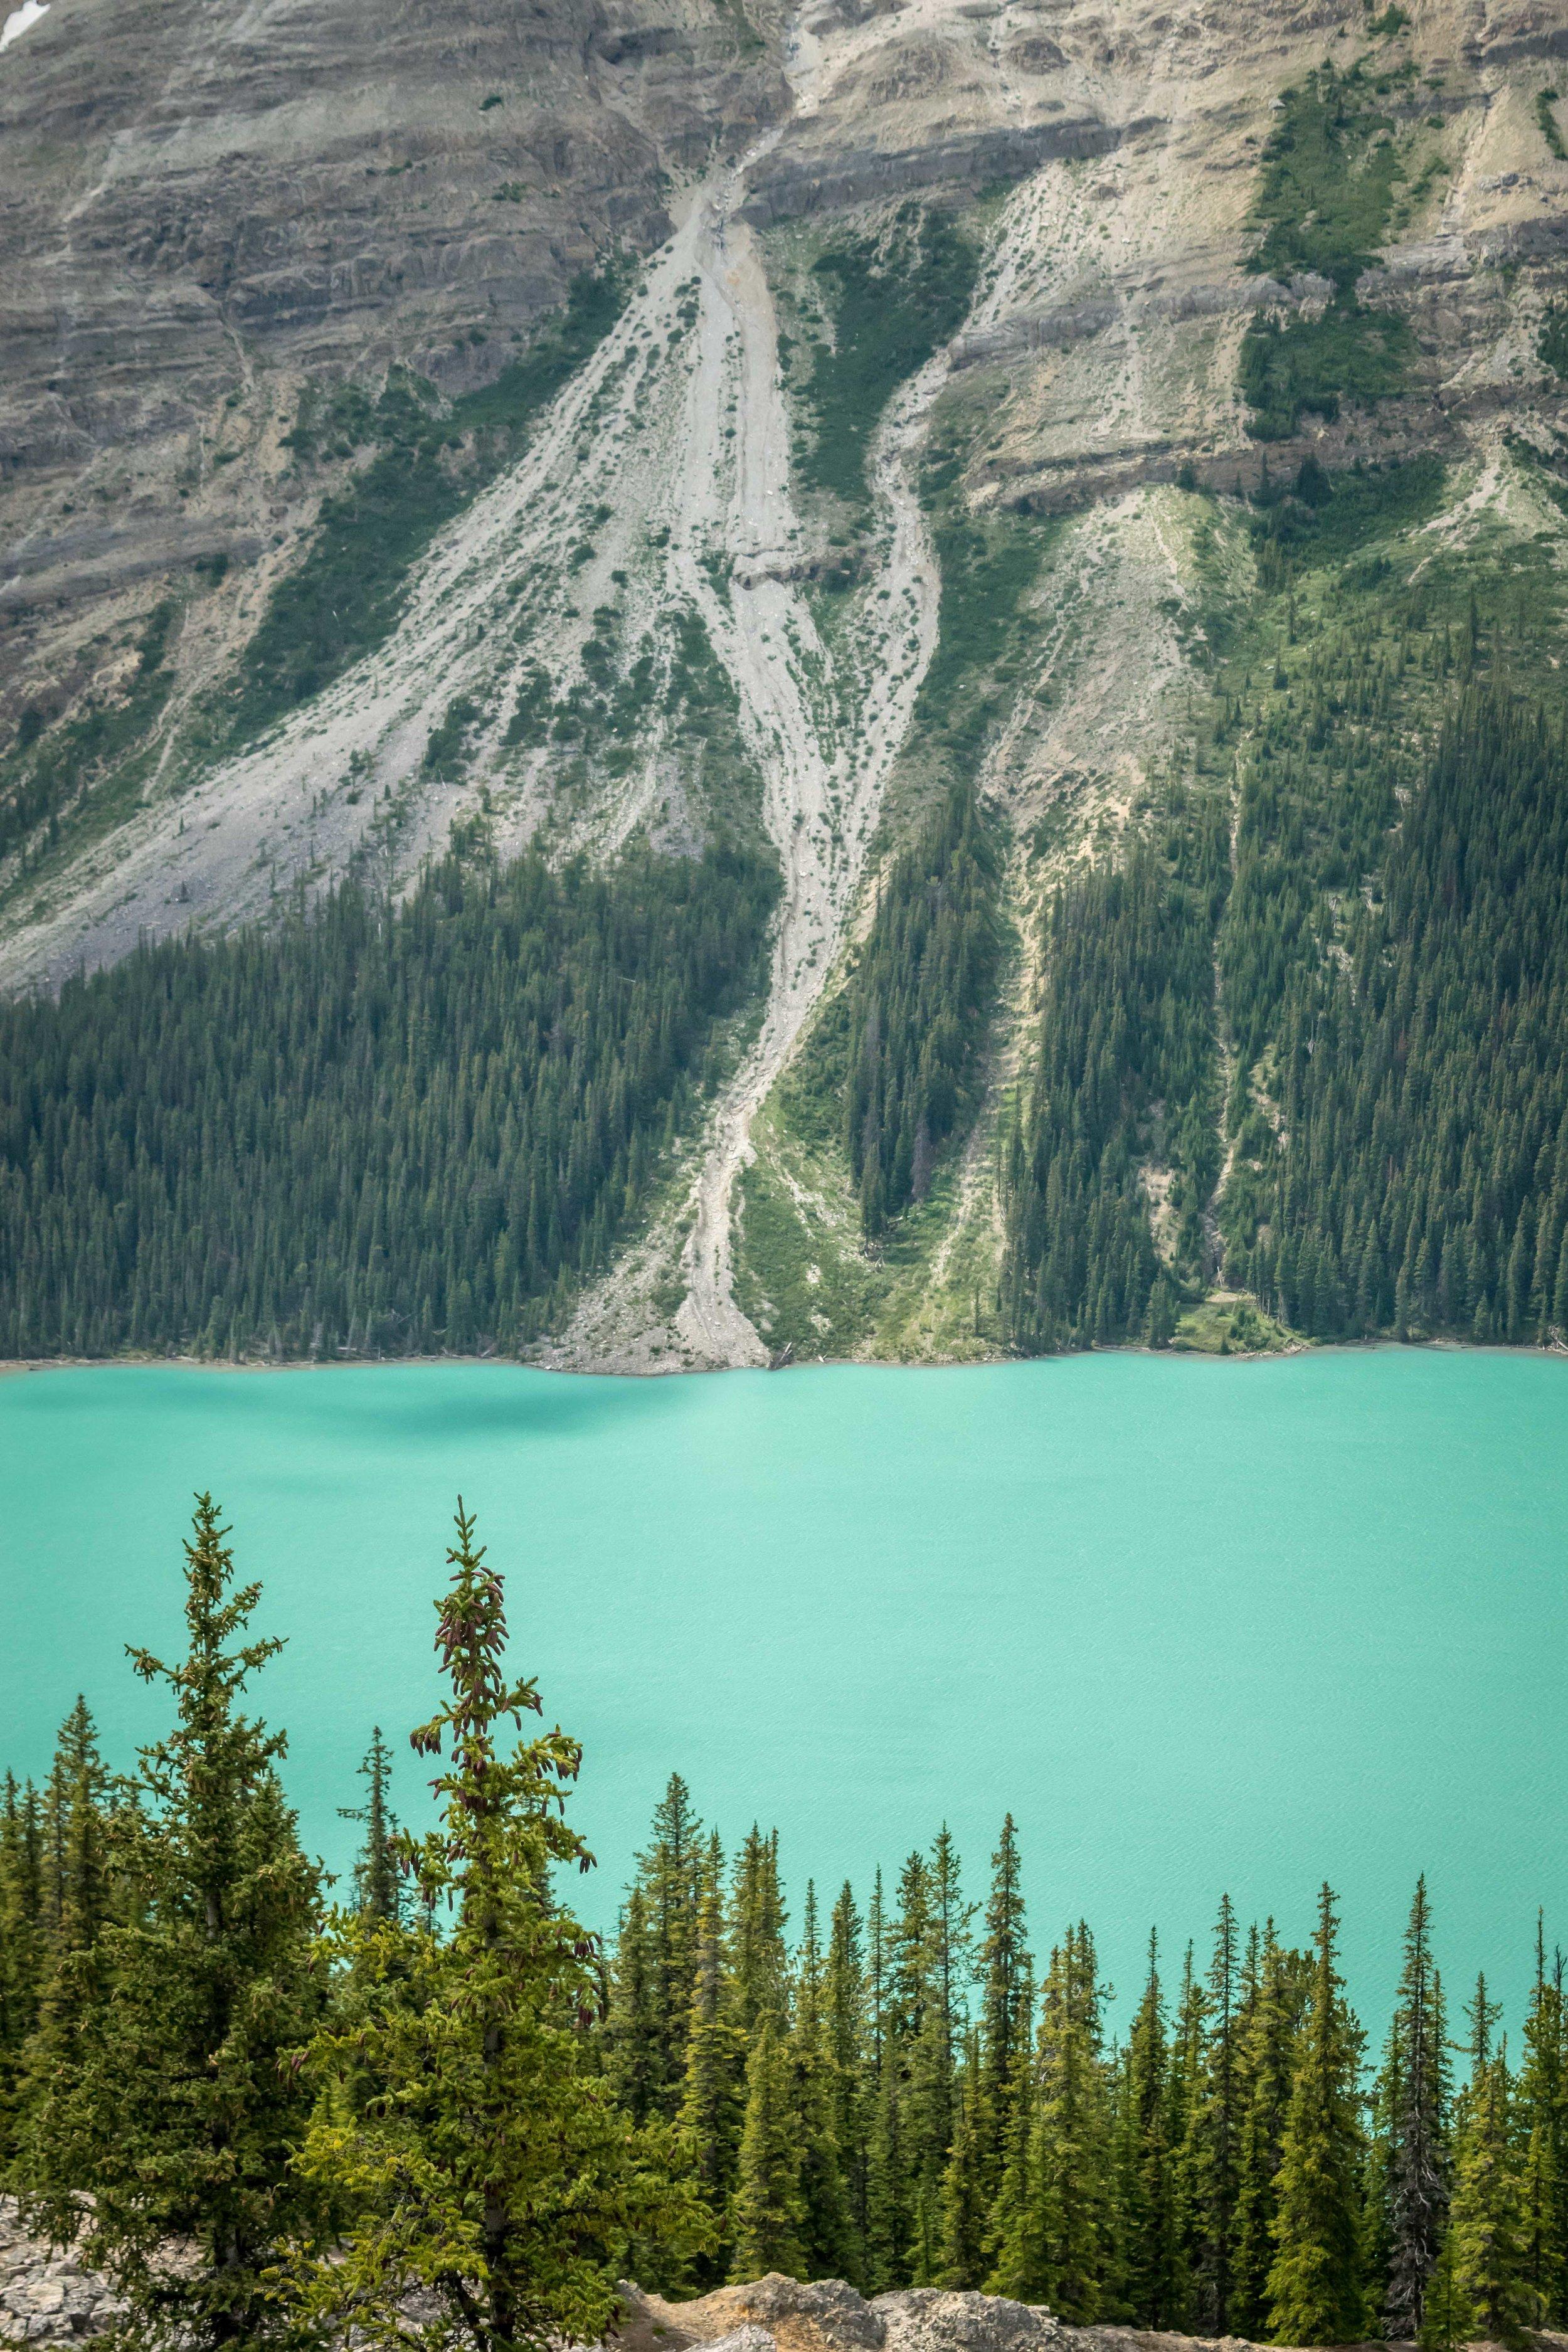 Turquoise water of Peyto Lake